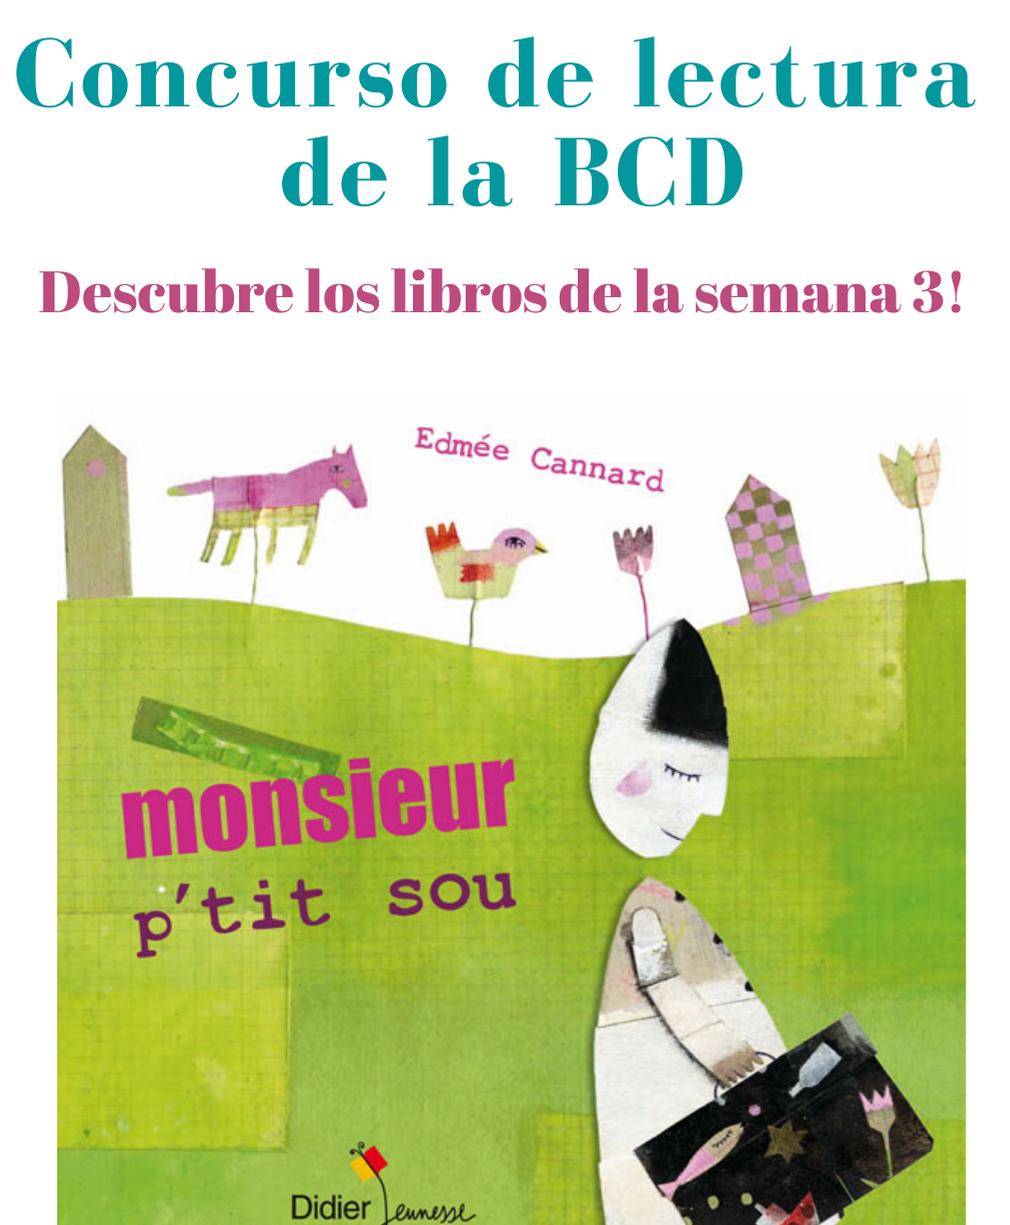 Nouveau Rallye lecture de la BCD